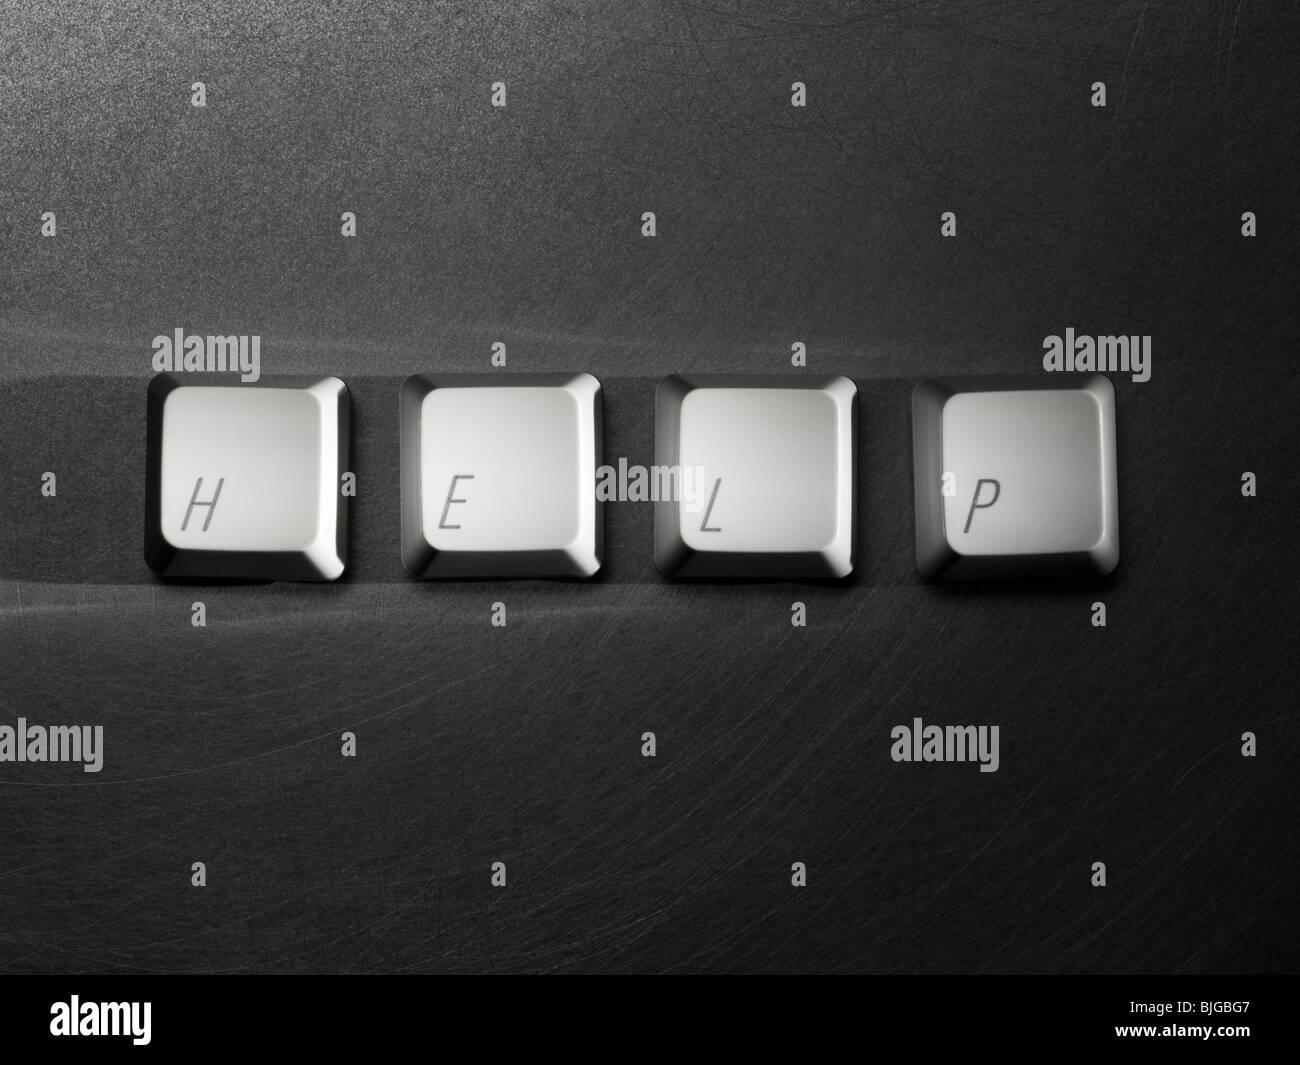 help written on computer keyboard keys - Stock Image